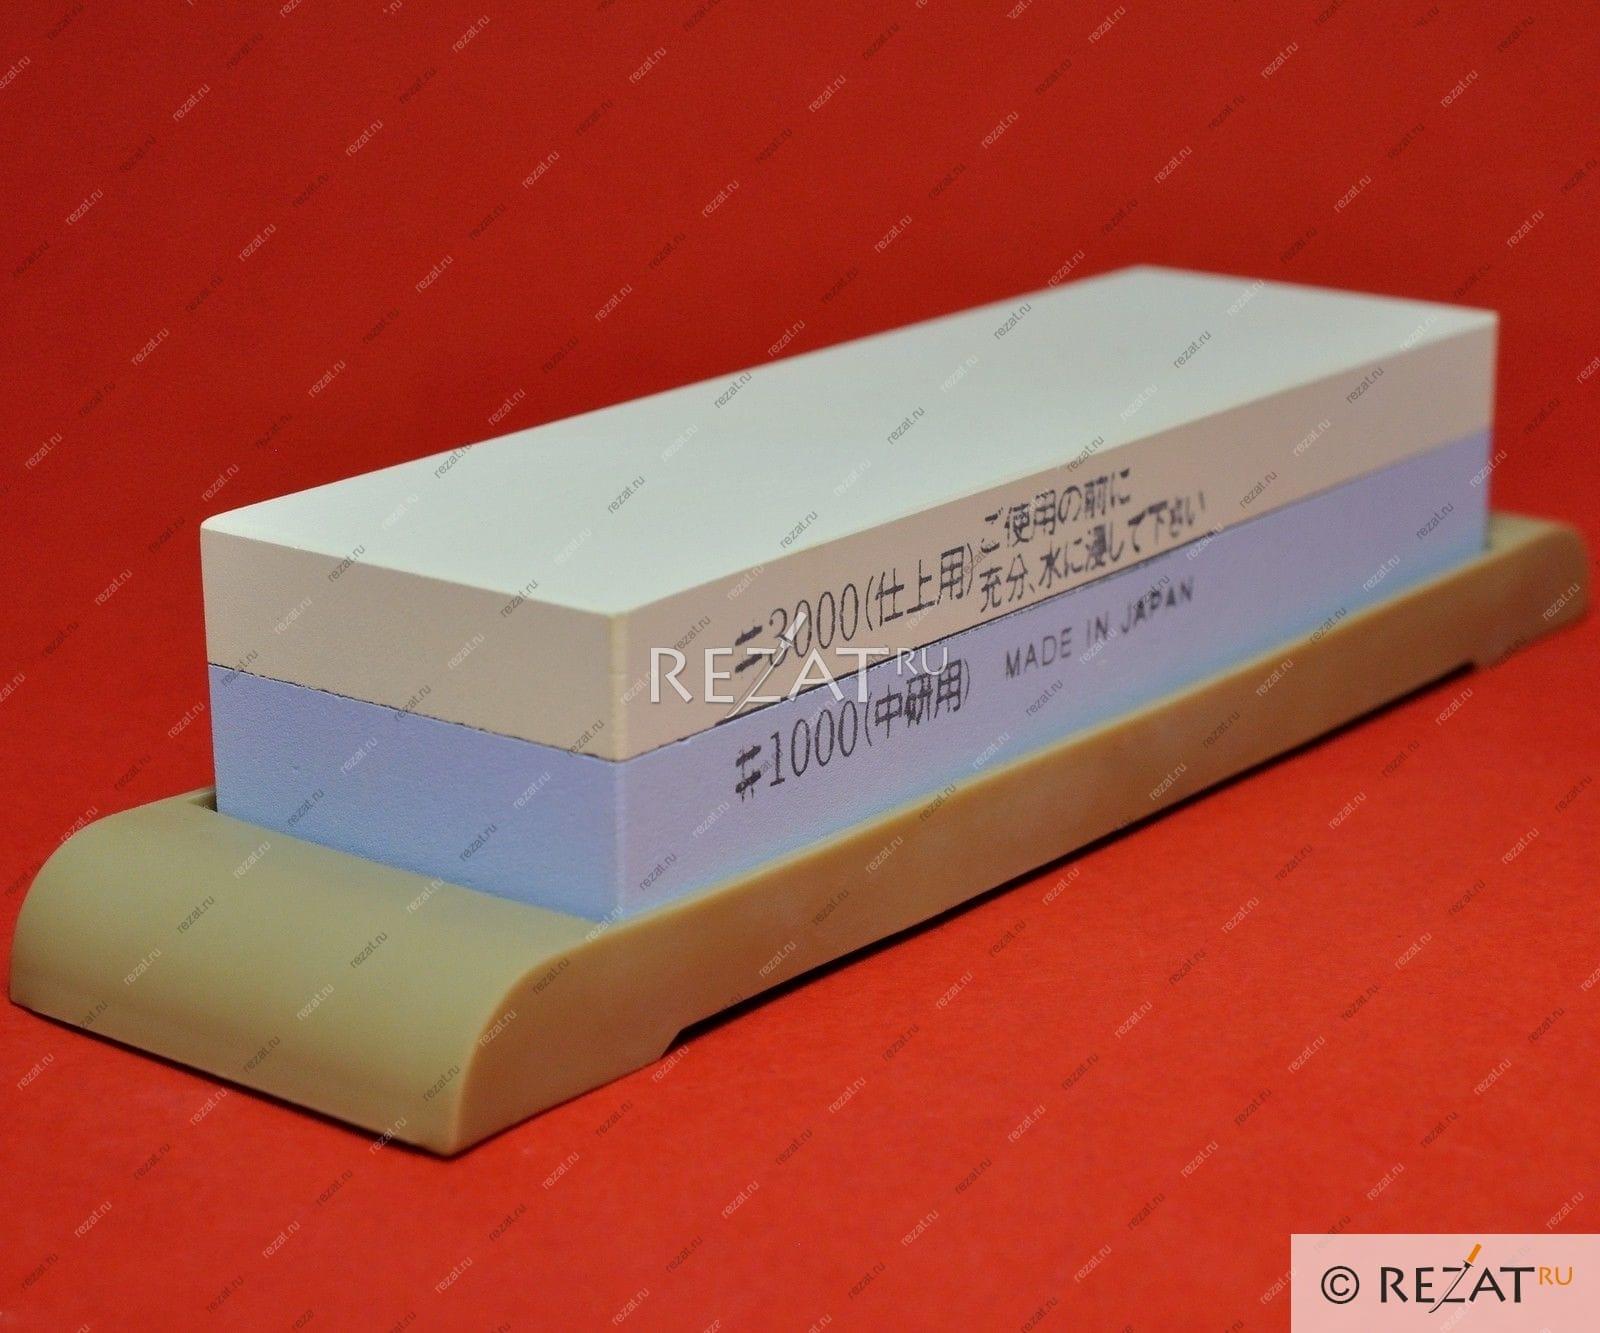 Брусок для заточки ножей: алмазный, двусторонний, как очистить, какой выбрать, образцы камней веневского завода